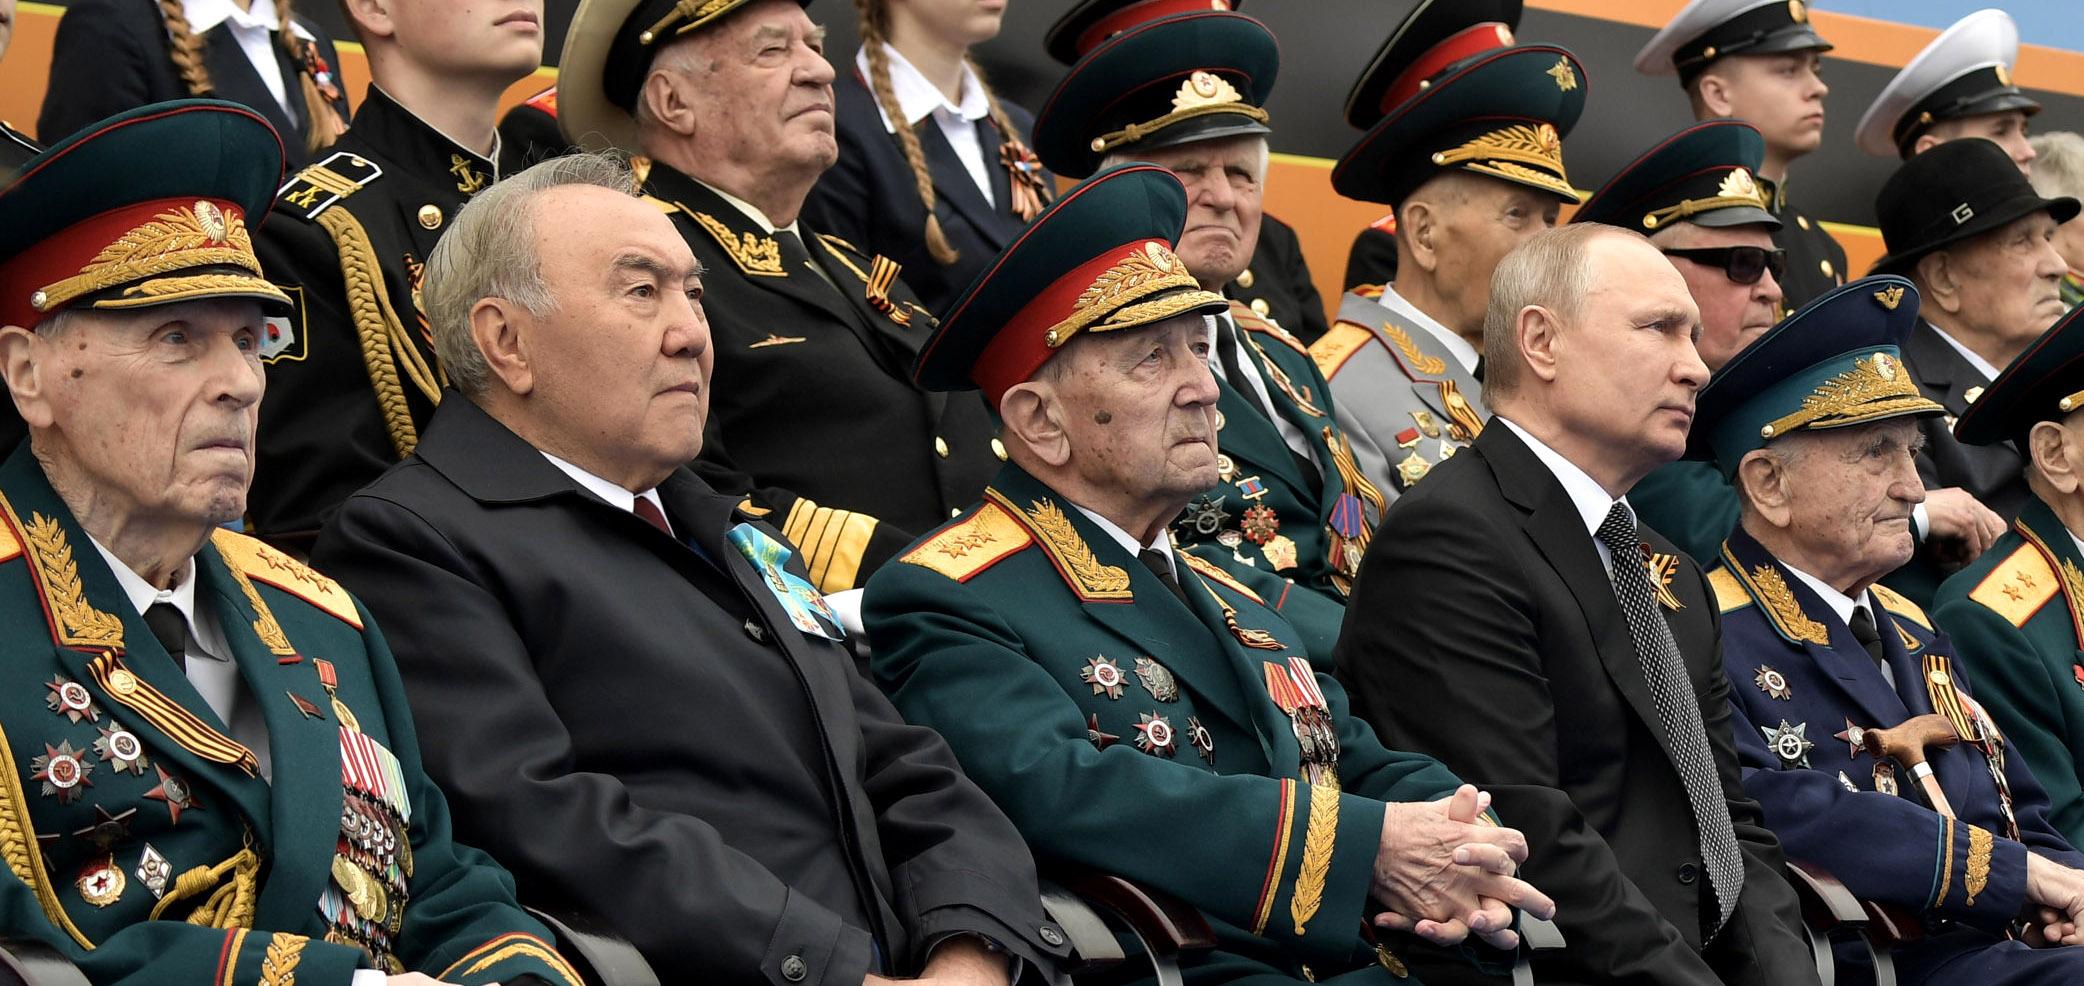 Нурсултан Назарбаев посетил военный парад в Москве